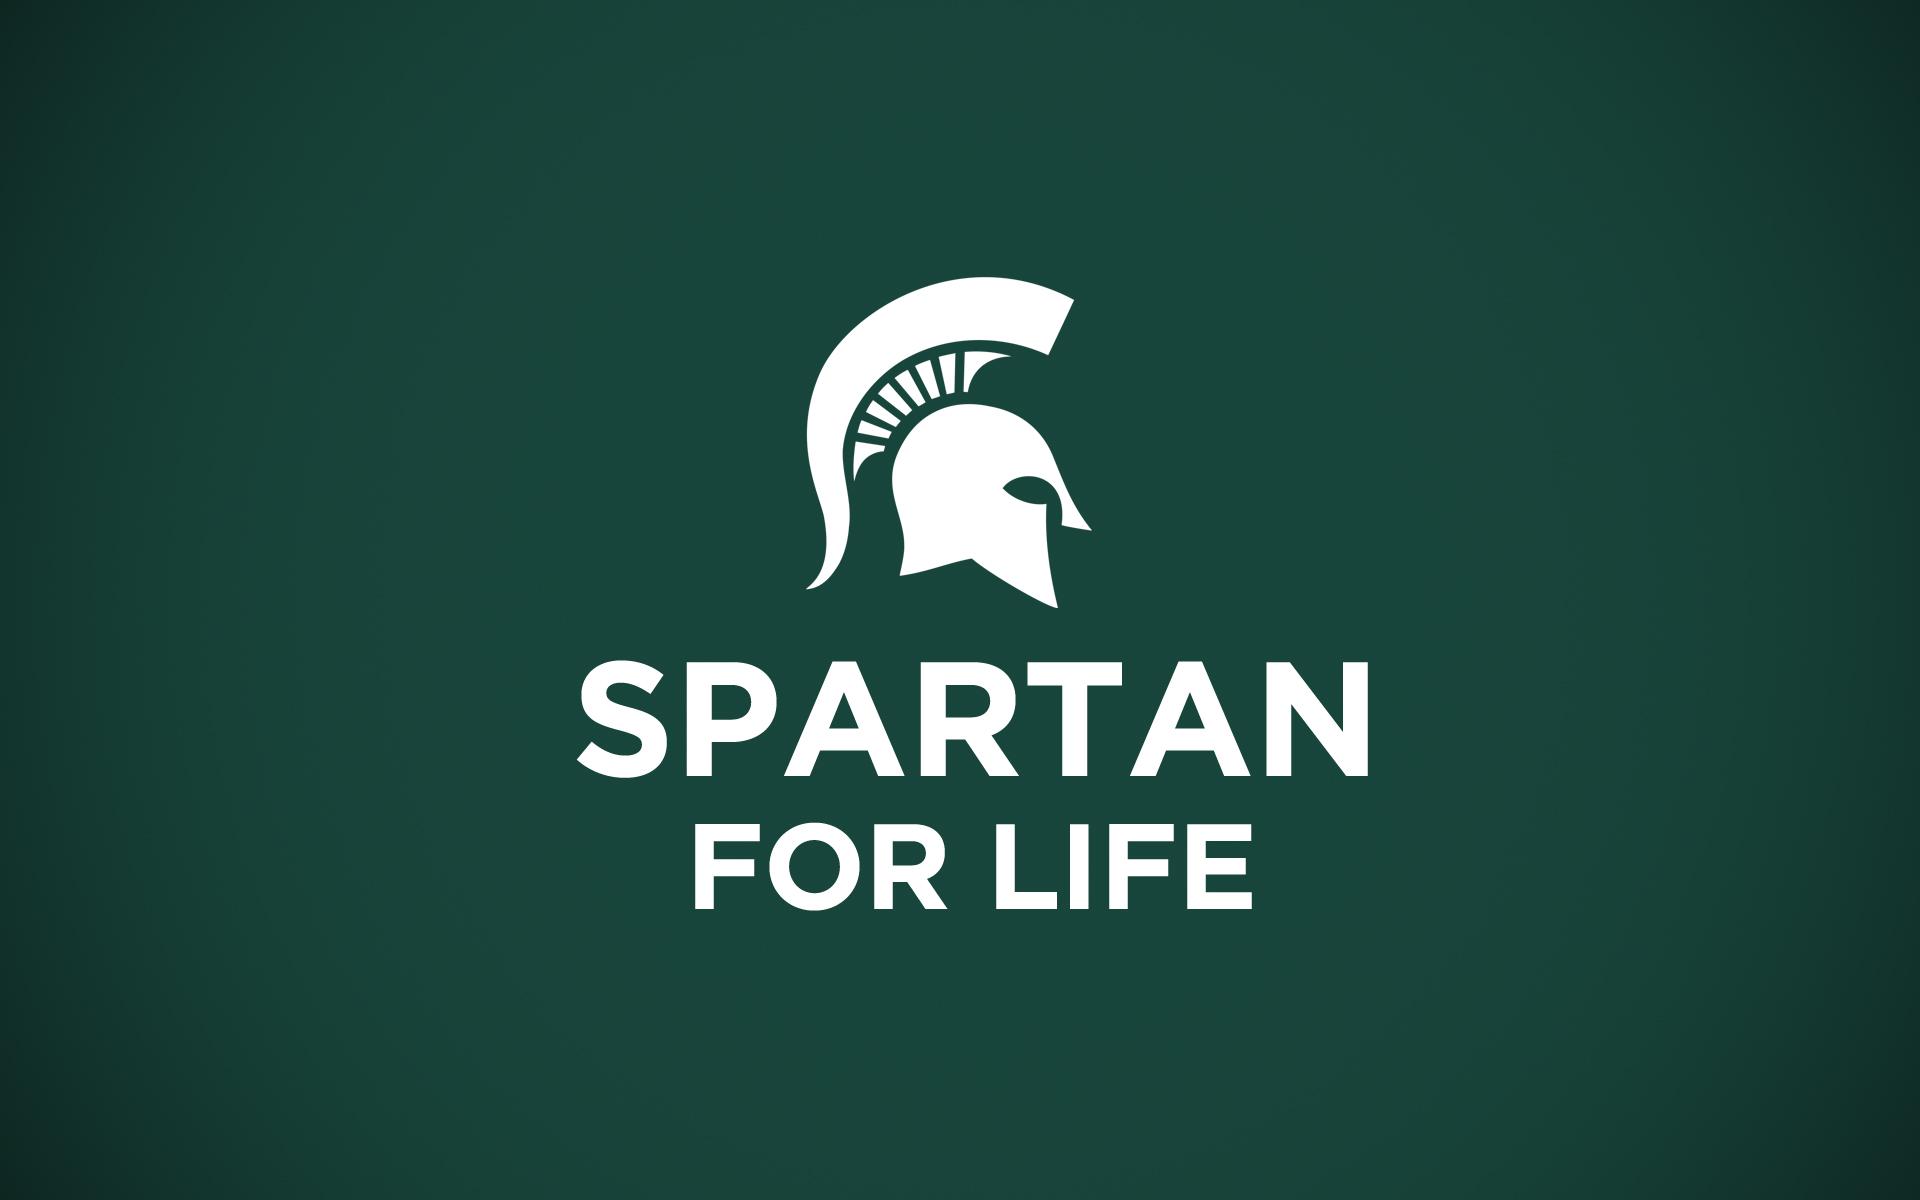 Spartan Race Logo Wallpaper Spartan for life 1920x1200